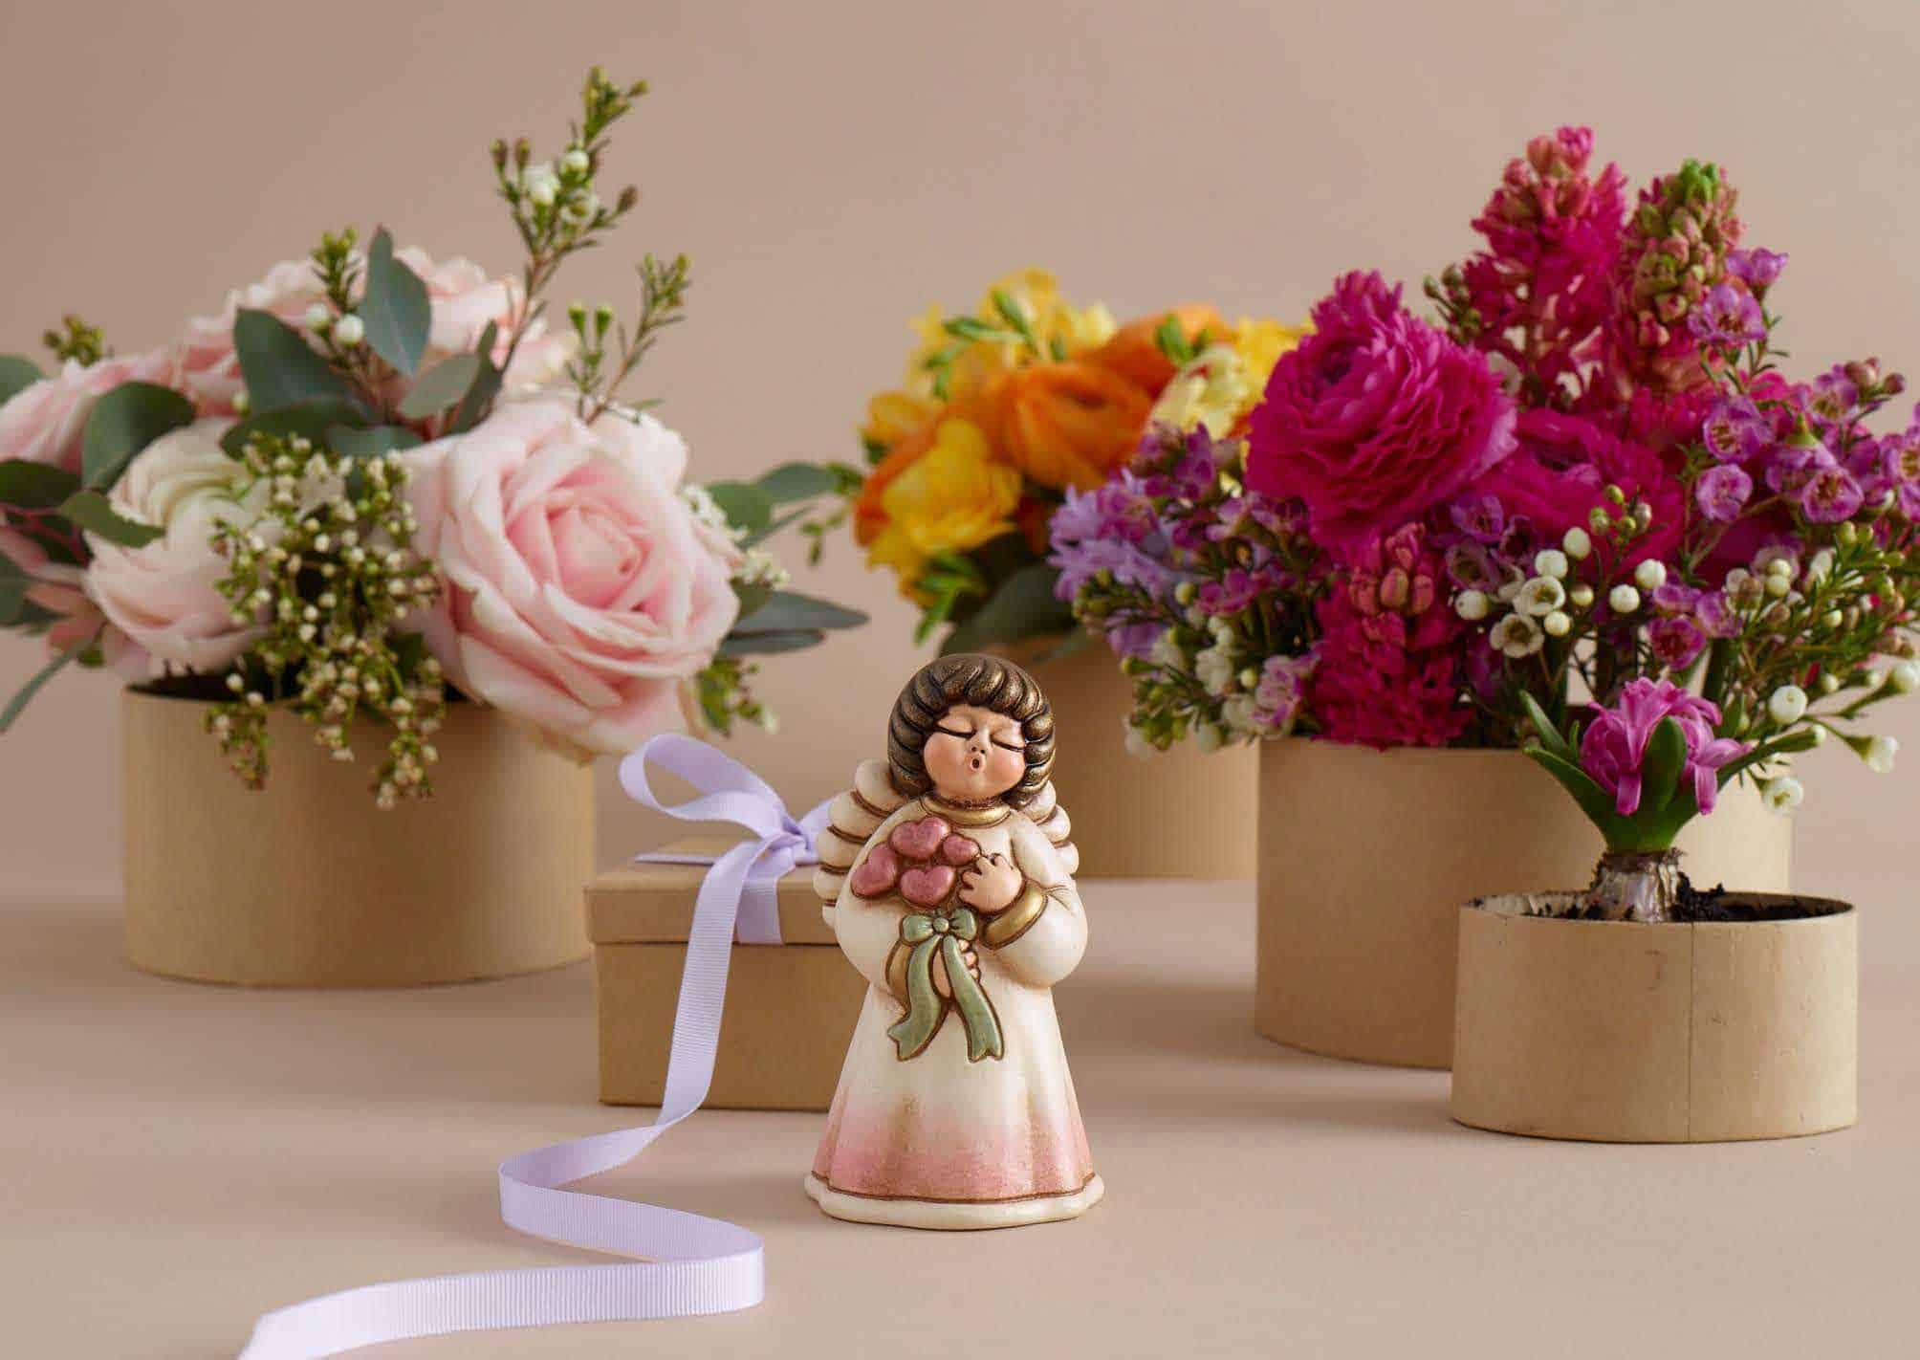 Idee regalo thun per la festa della mamma - Idee regalo thun ...